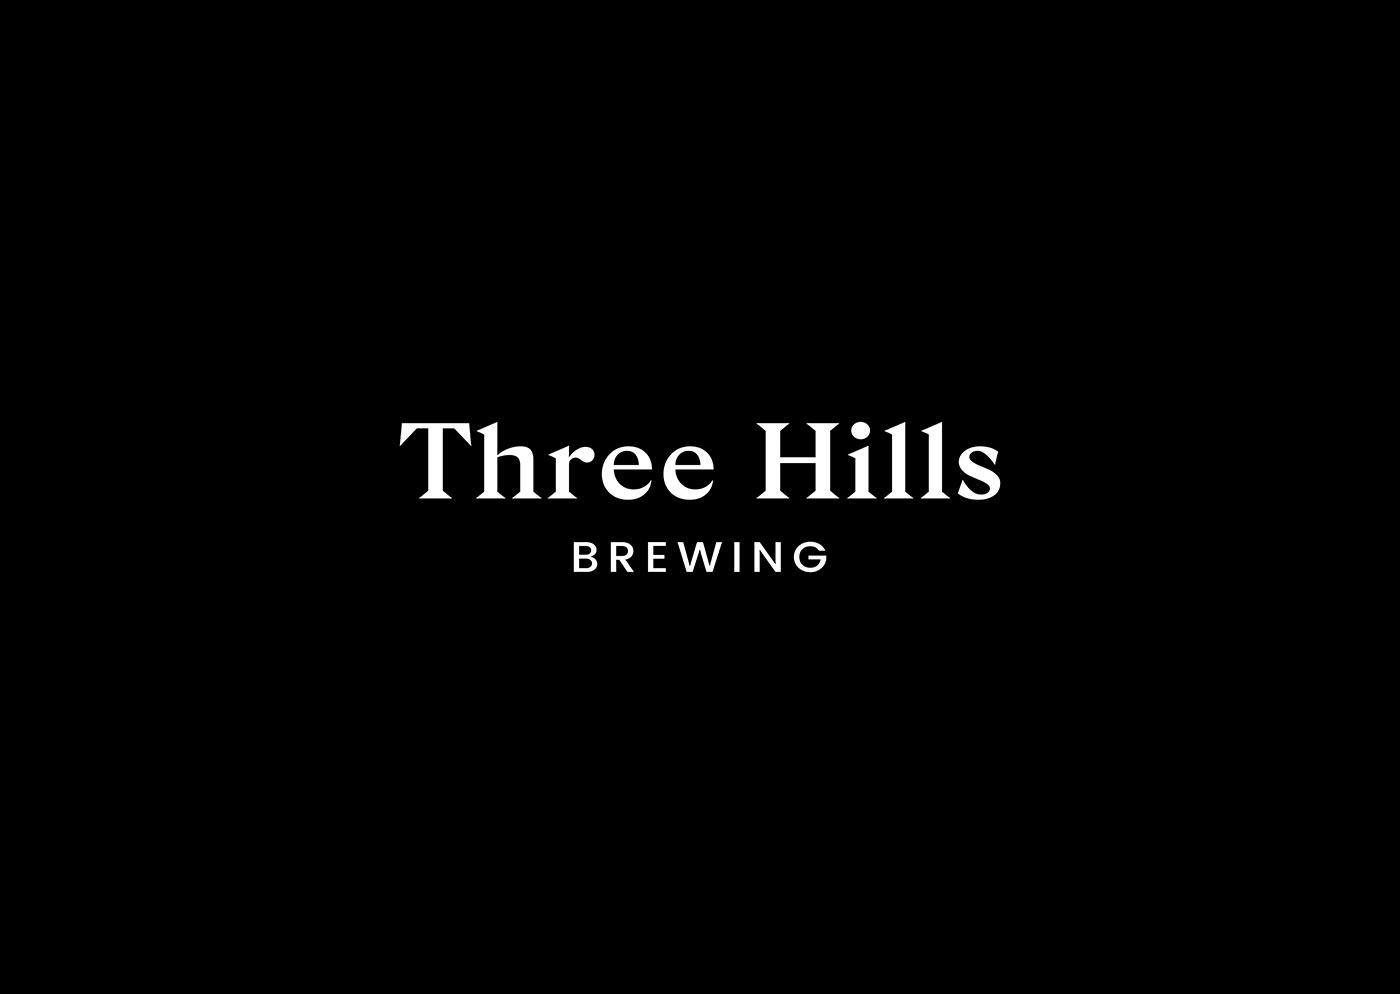 Three Hills Brewing